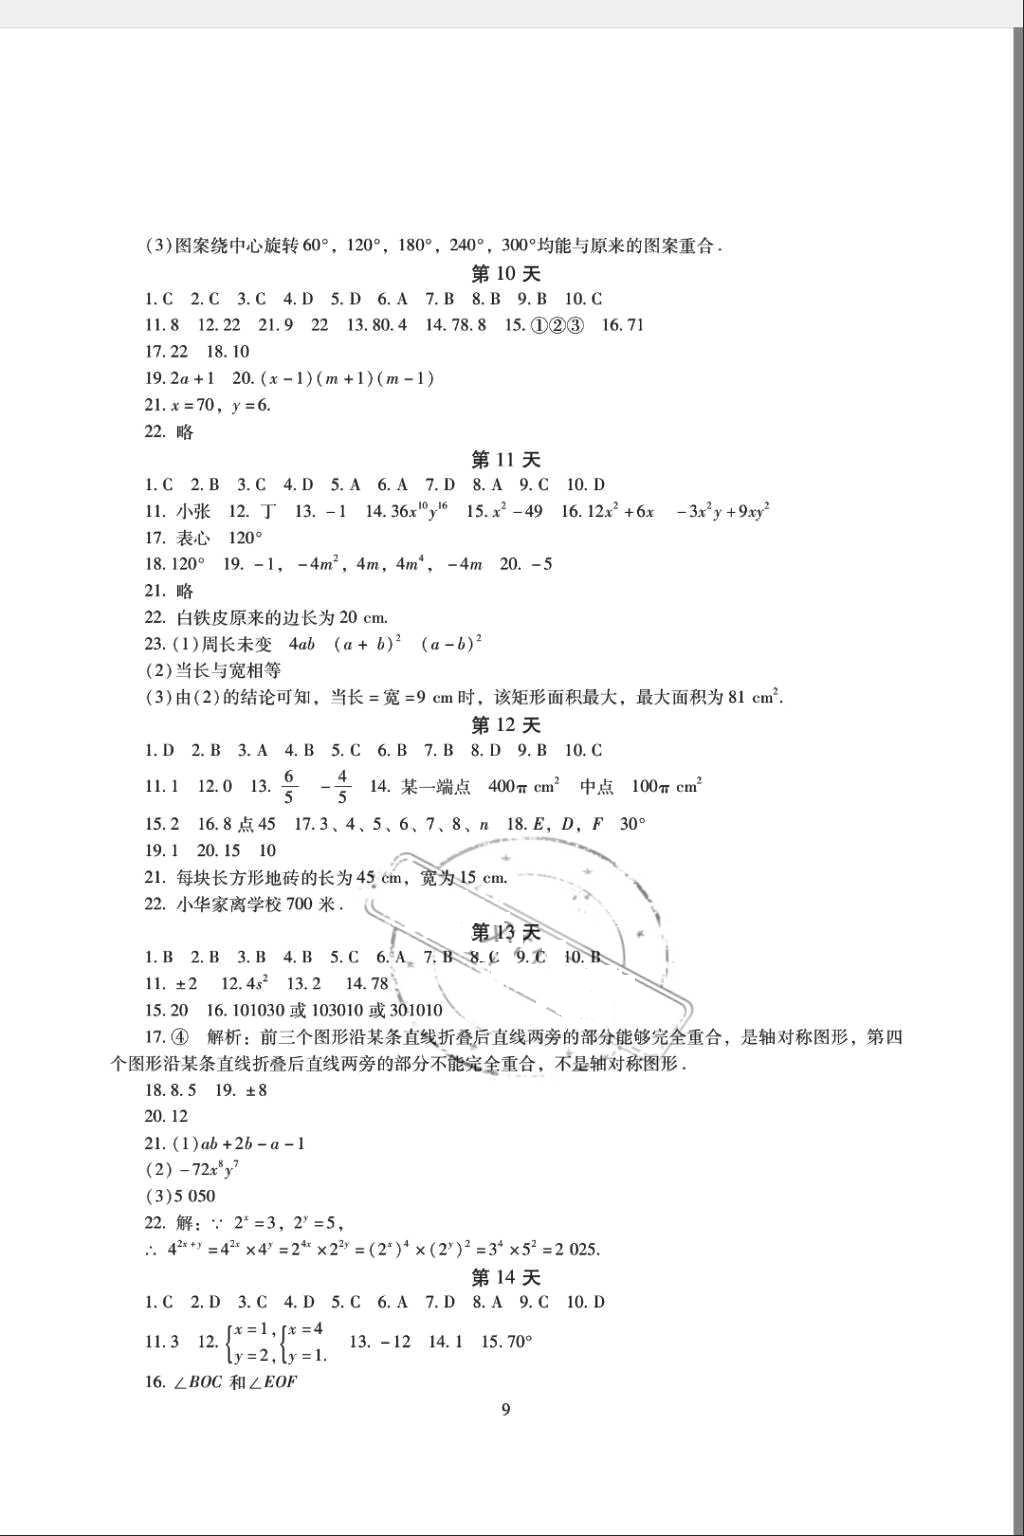 2018年暑假生活七年级语文数学英语湖南少年儿童出版社第10页